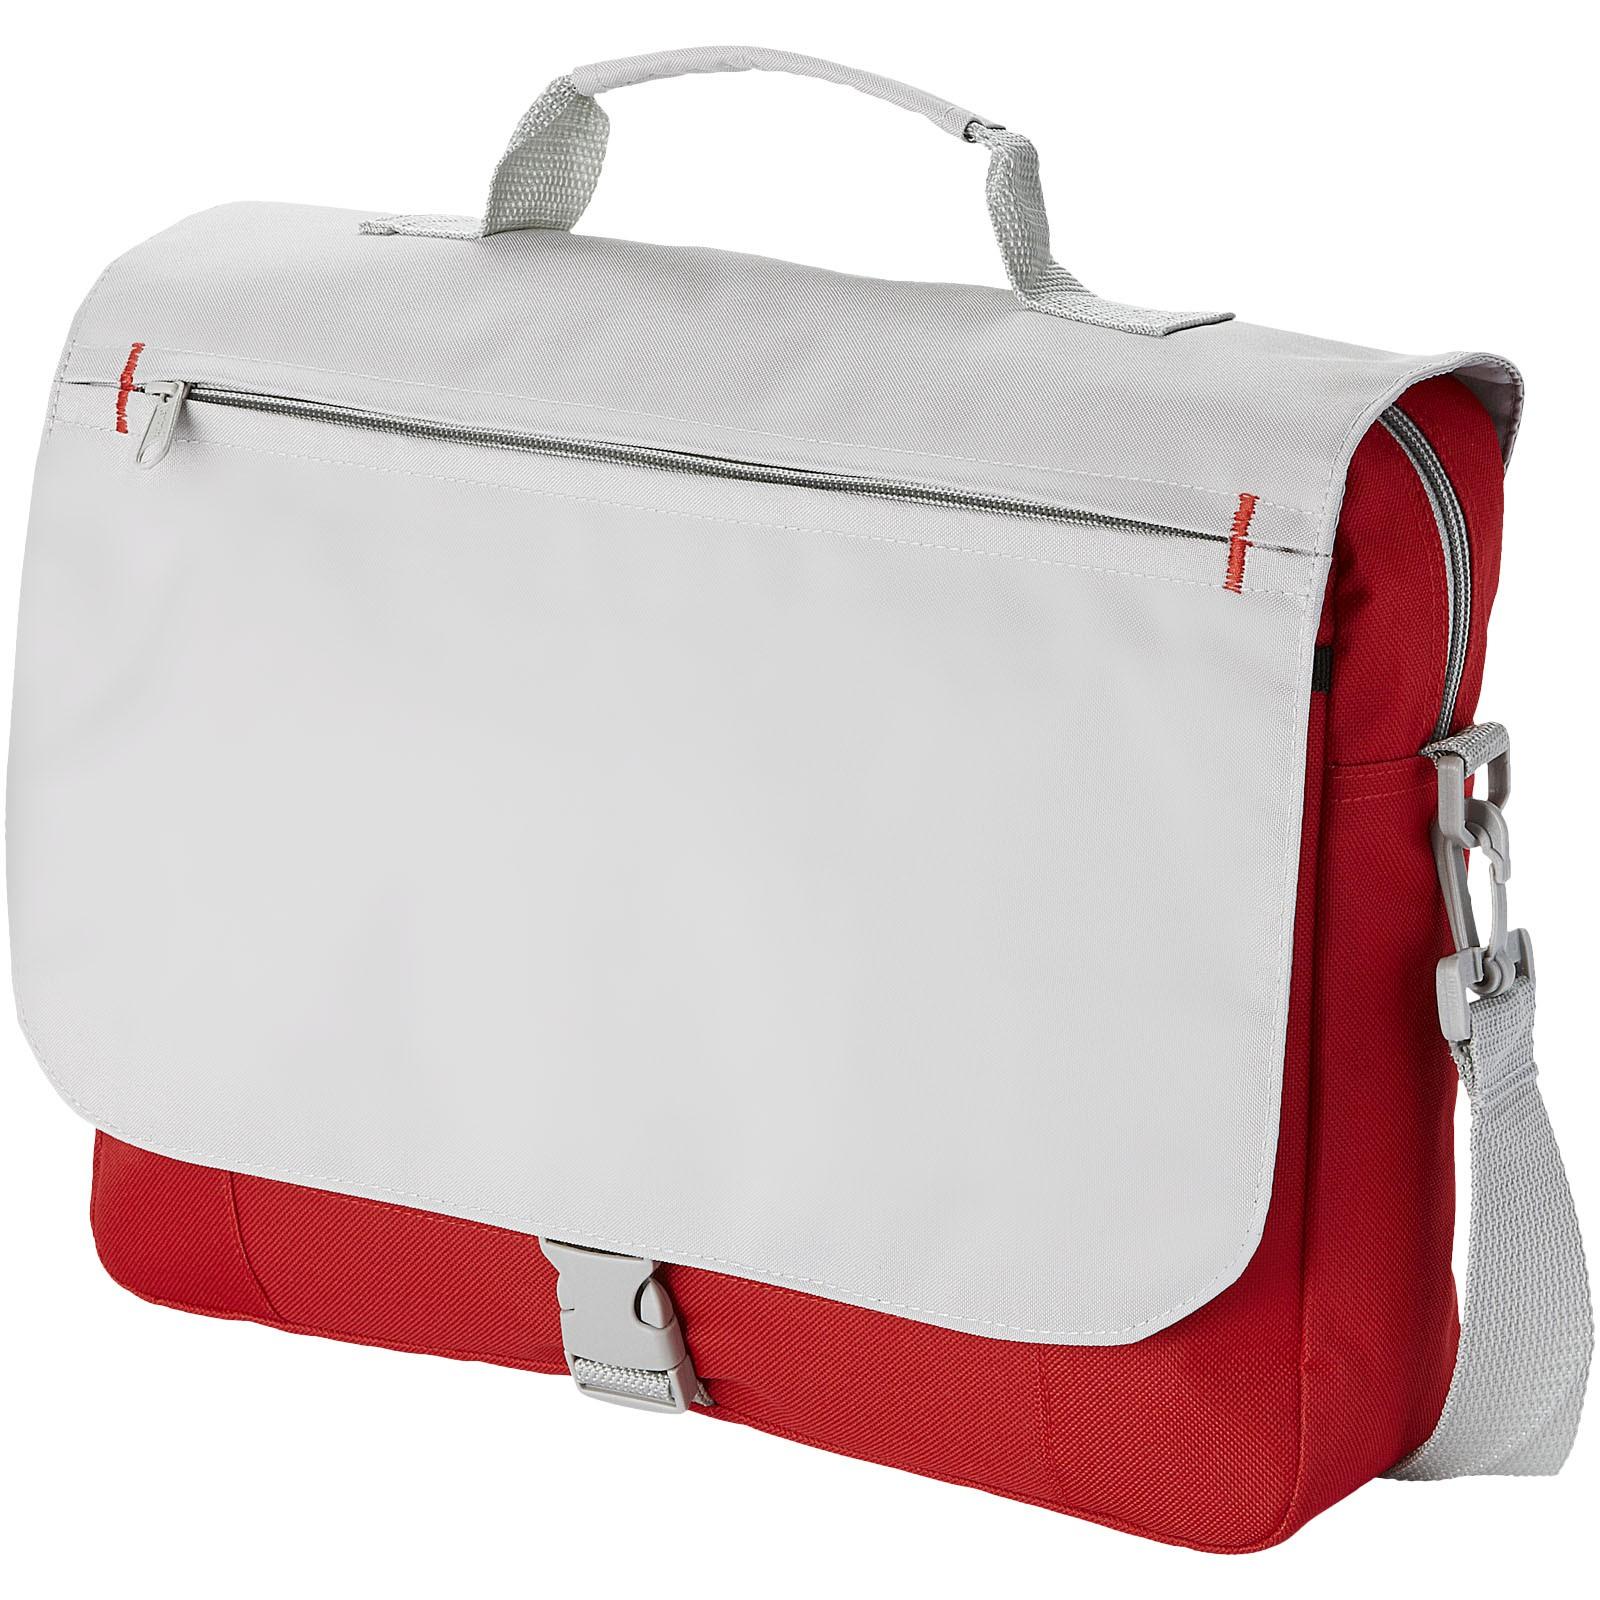 Konferenční taška Pittsburgh - Červená s efektem námrazy / Větle šedá